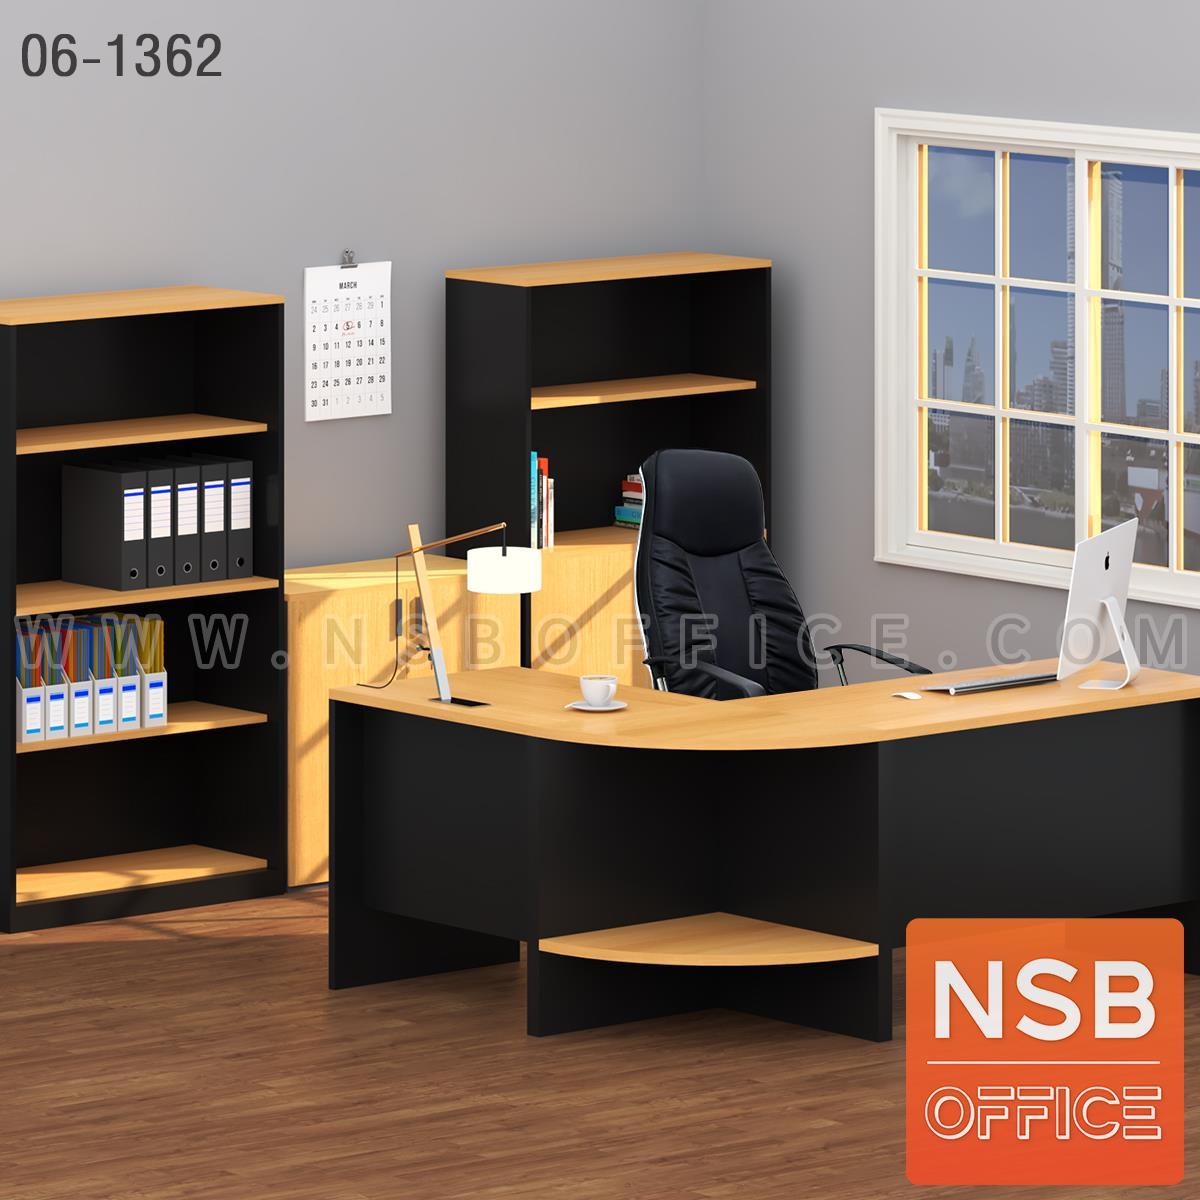 SETA003:เซ็ตโต๊ะทำงานตัวแอล สีเชอรี่-ดำ รุ่น Blackcher (แบล็คเชอร์)  พร้อมตู้เก็บเอกสาร เก้าอี้ผู้บริหาร (รวม 5 ชิ้น)